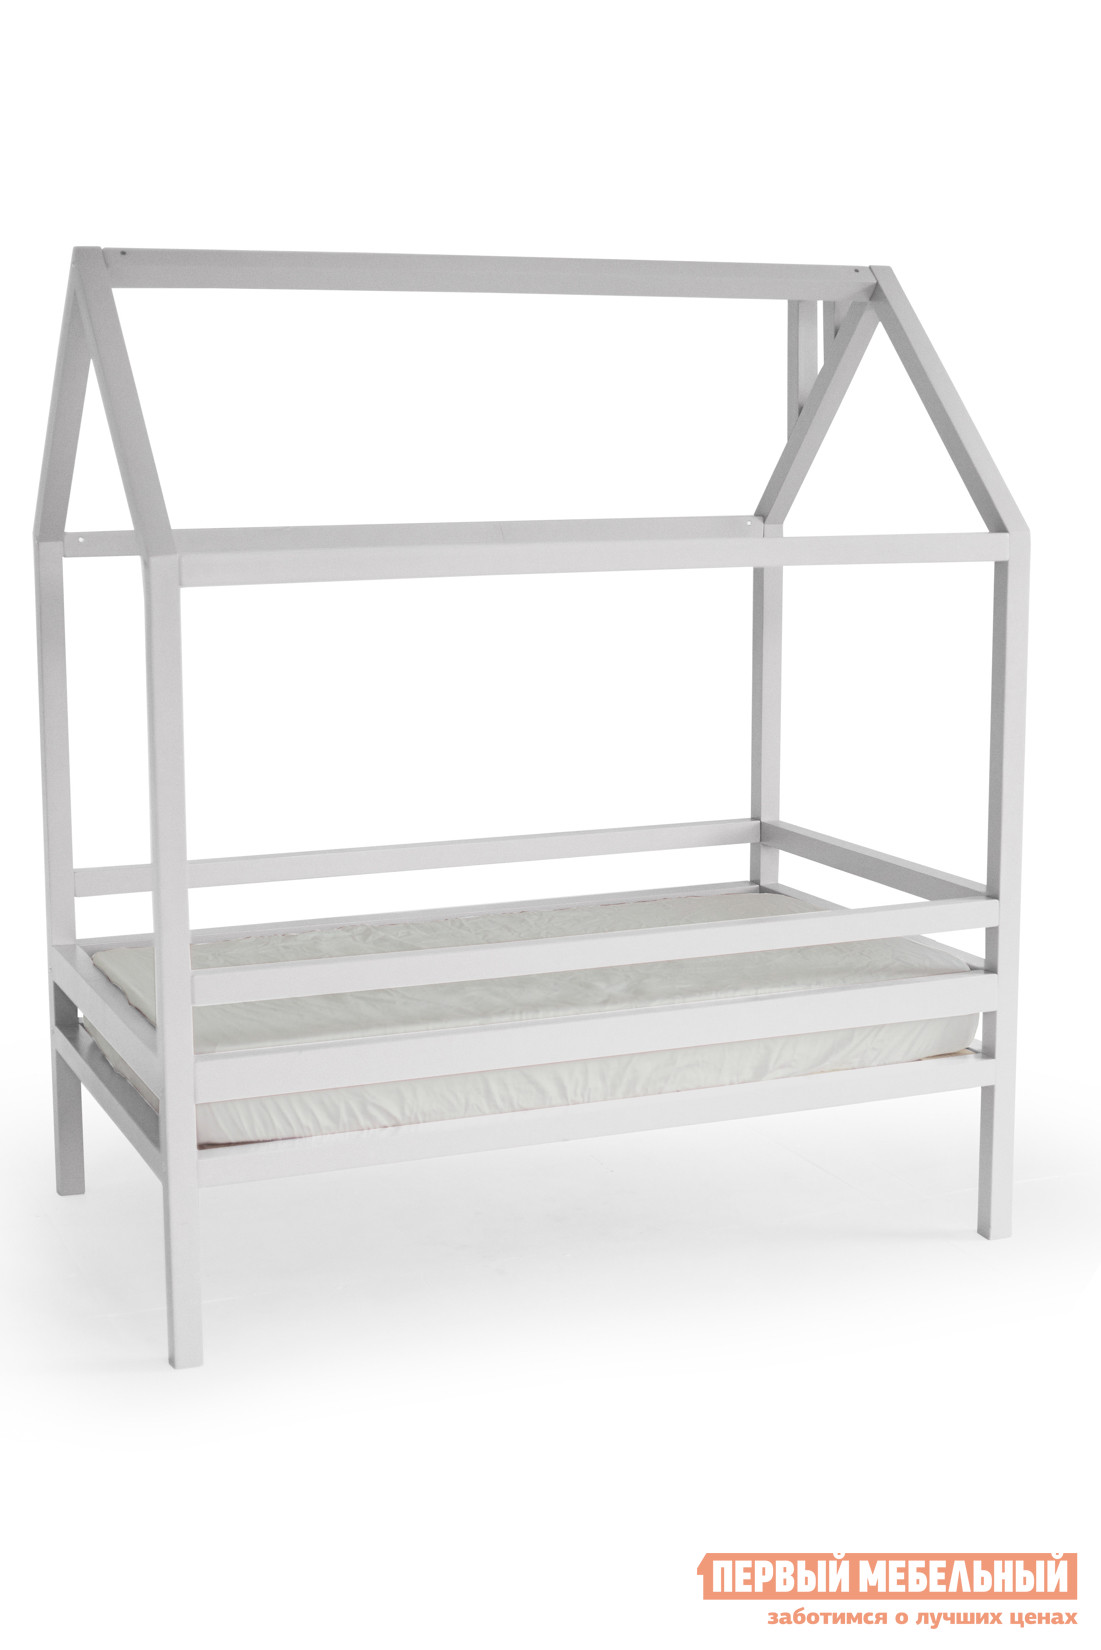 Детская кровать  Дрима Н Белый Ral 9003, 900 Х 1900 мм